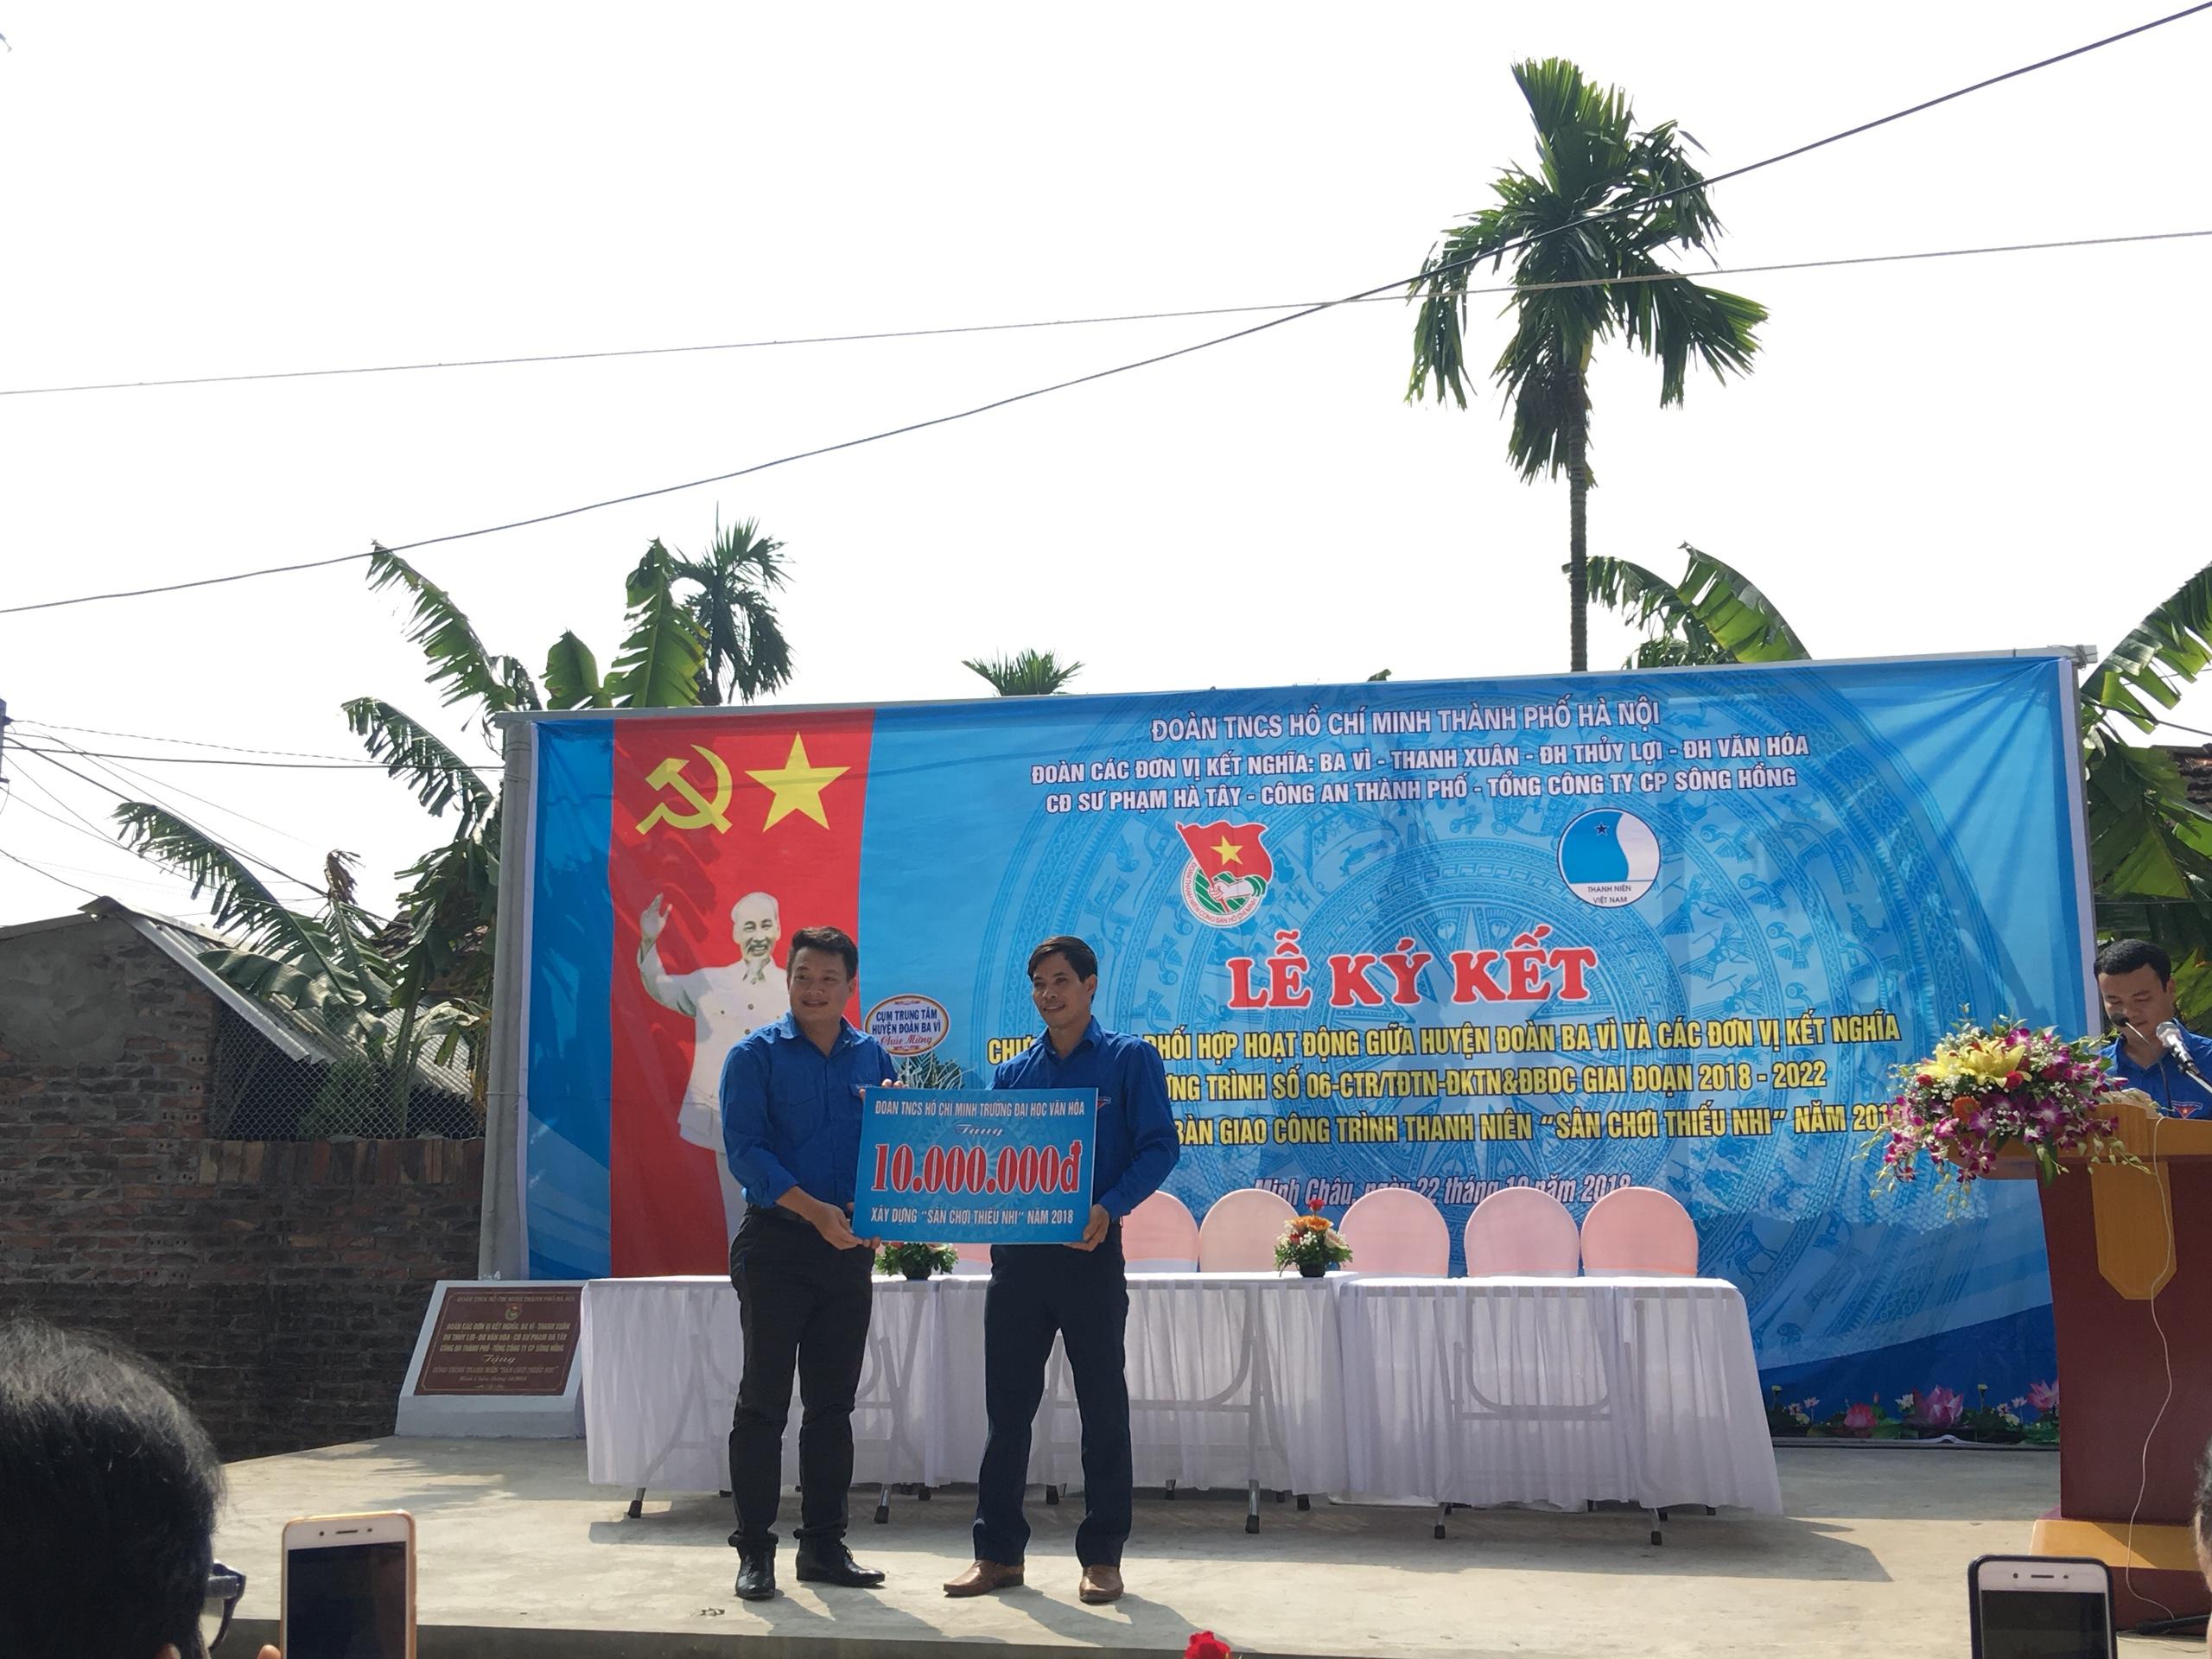 Đoàn Trường Đại học Văn hóa Hà Nội tham gia hoạt động kết nghĩa, hỗ trợ Huyện Đoàn Ba Vì